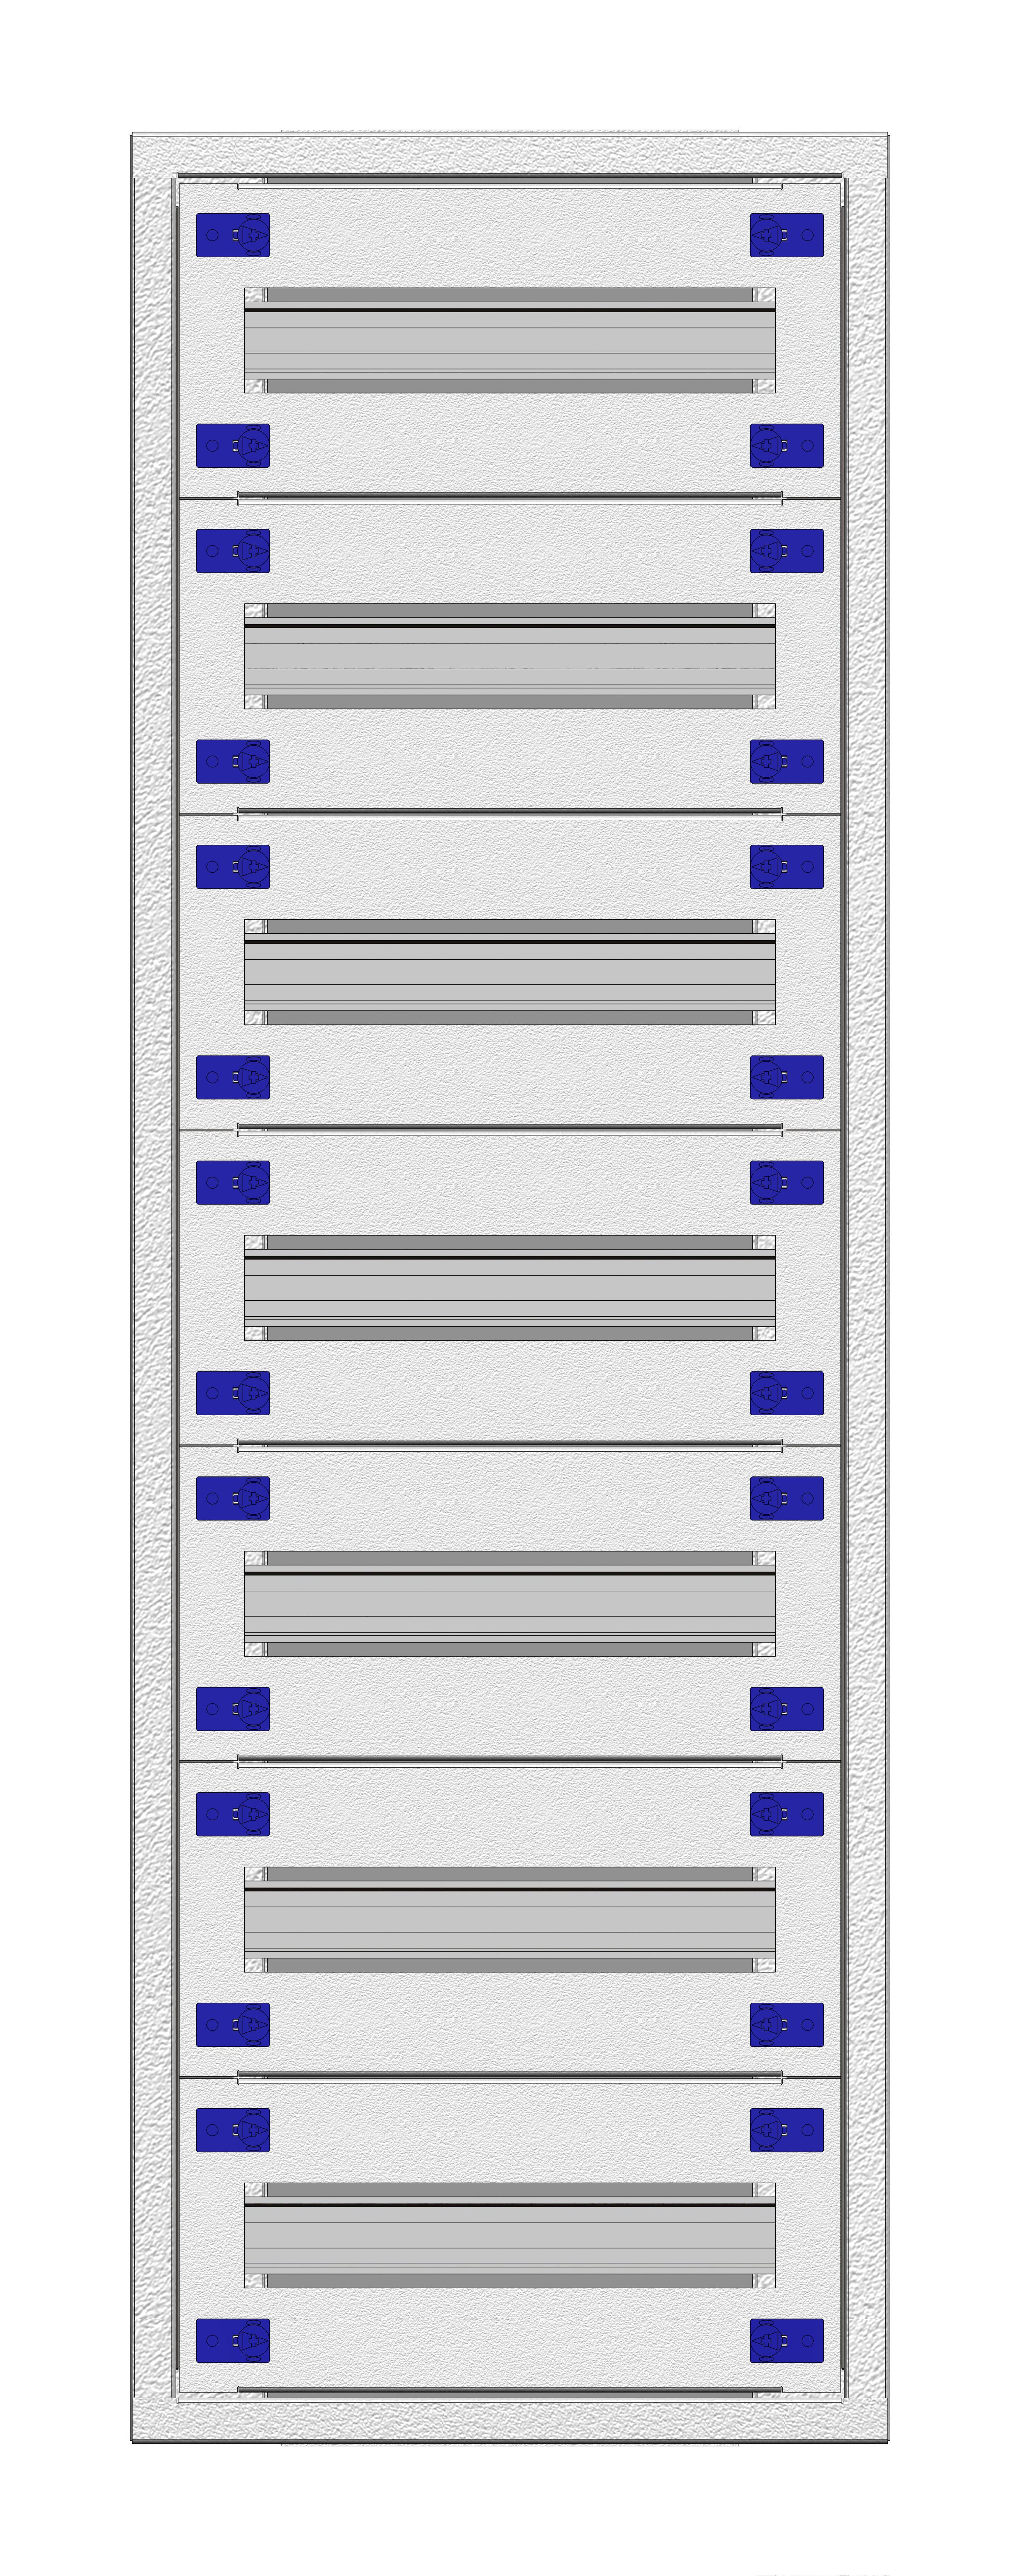 1 Stk Installationsverteiler Einsatz 1-21L, 7-reihig, Kunststoff IL149121--